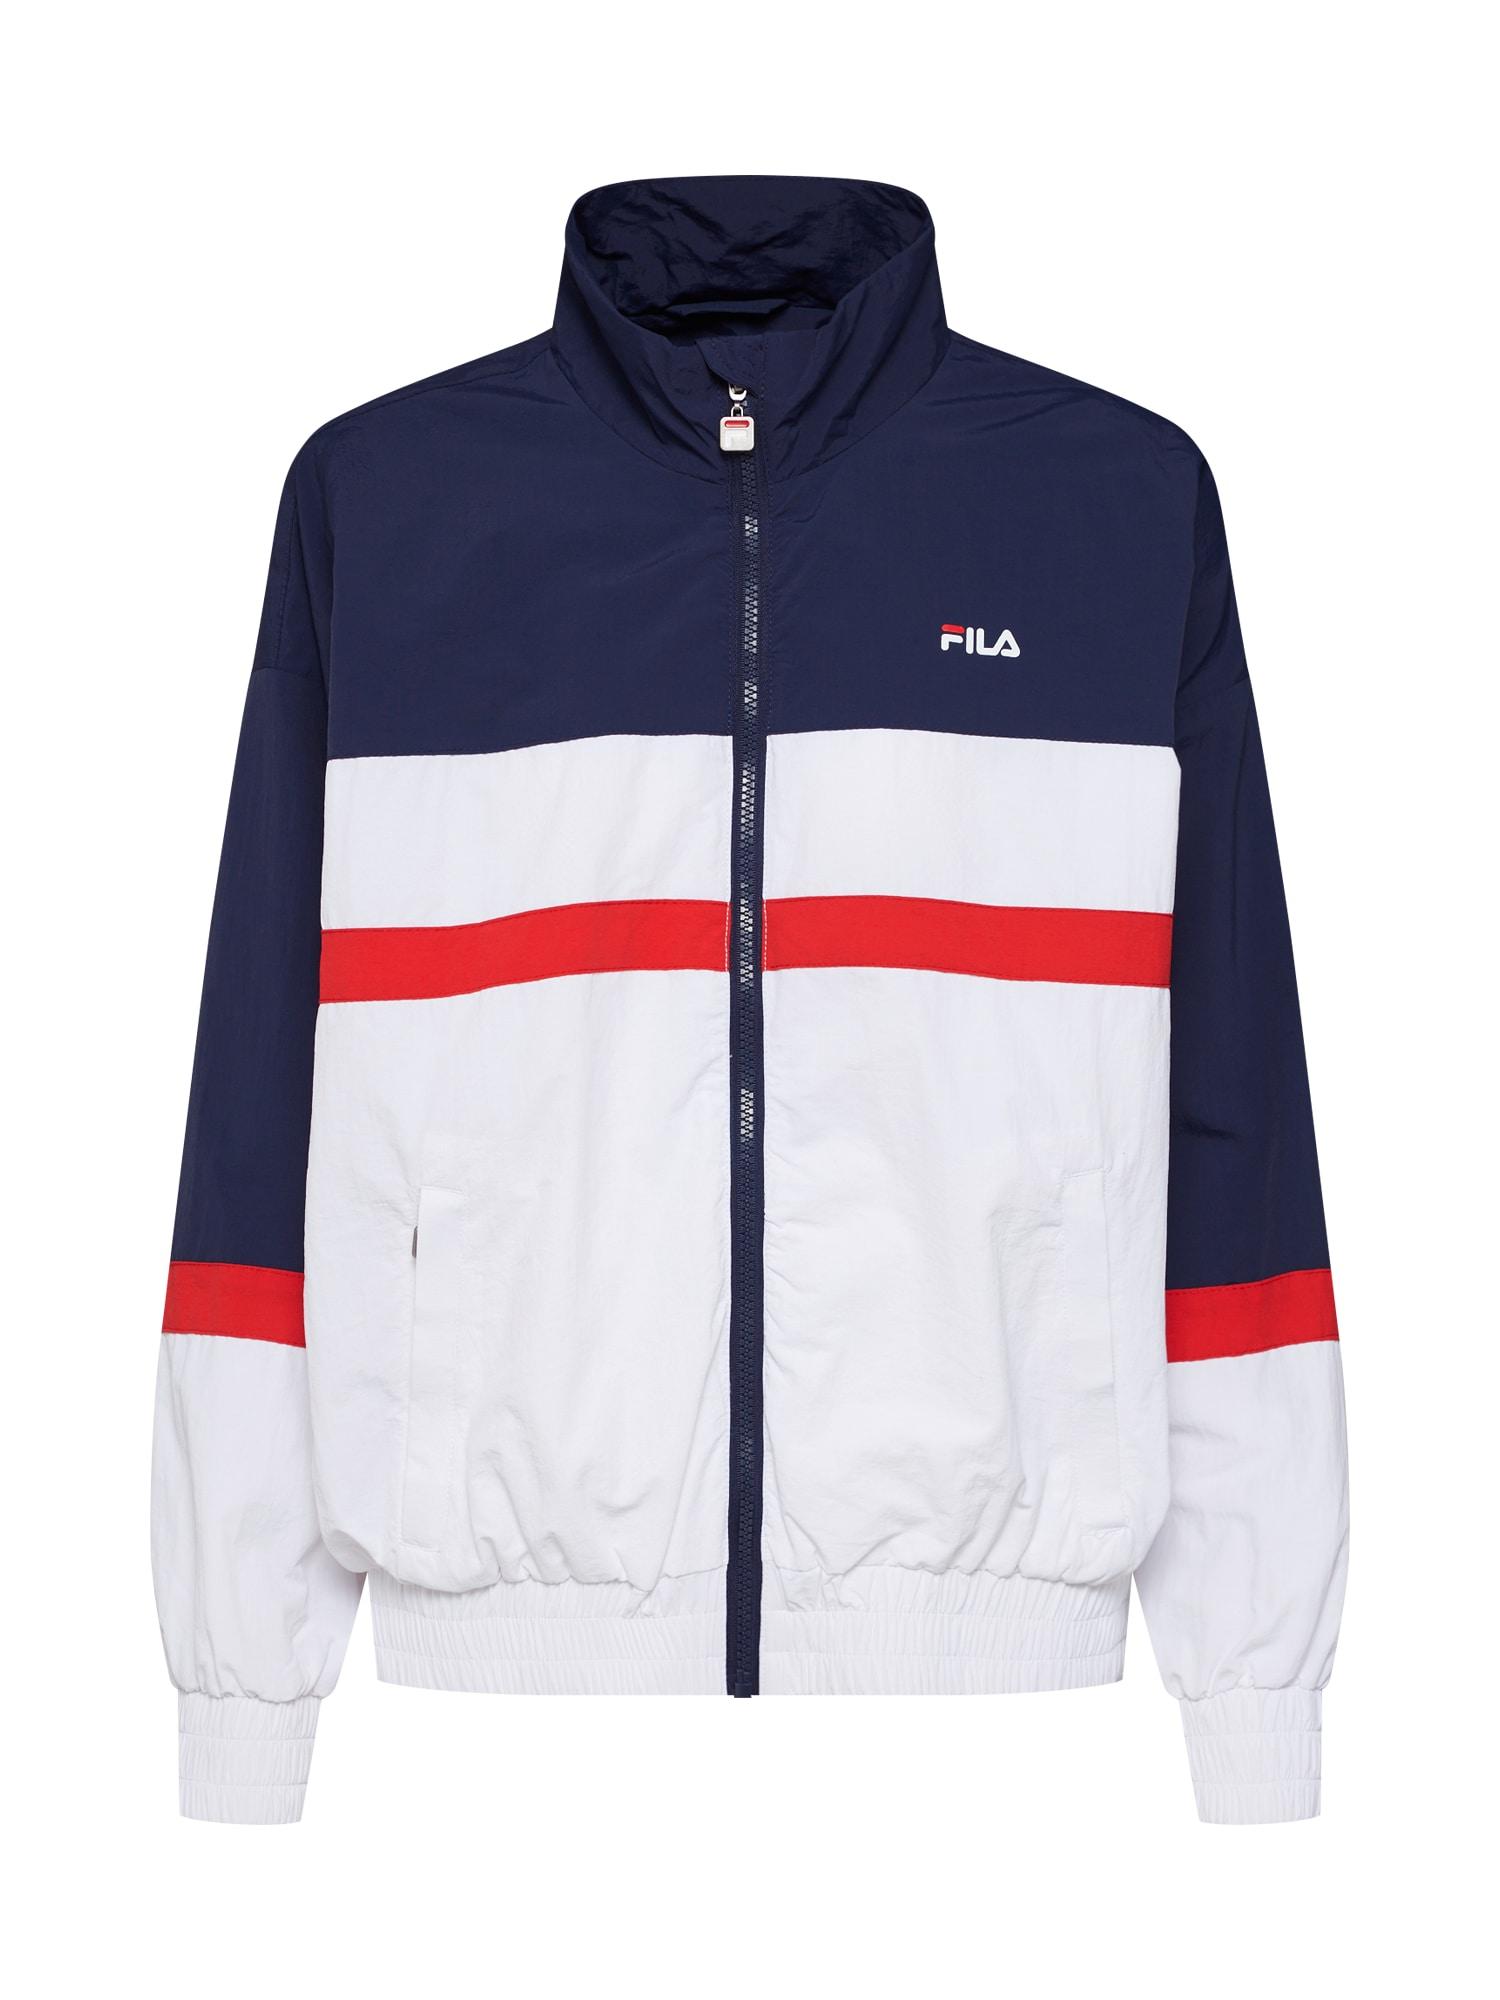 Přechodná bunda KAYA Wind Jacket námořnická modř červená bílá FILA